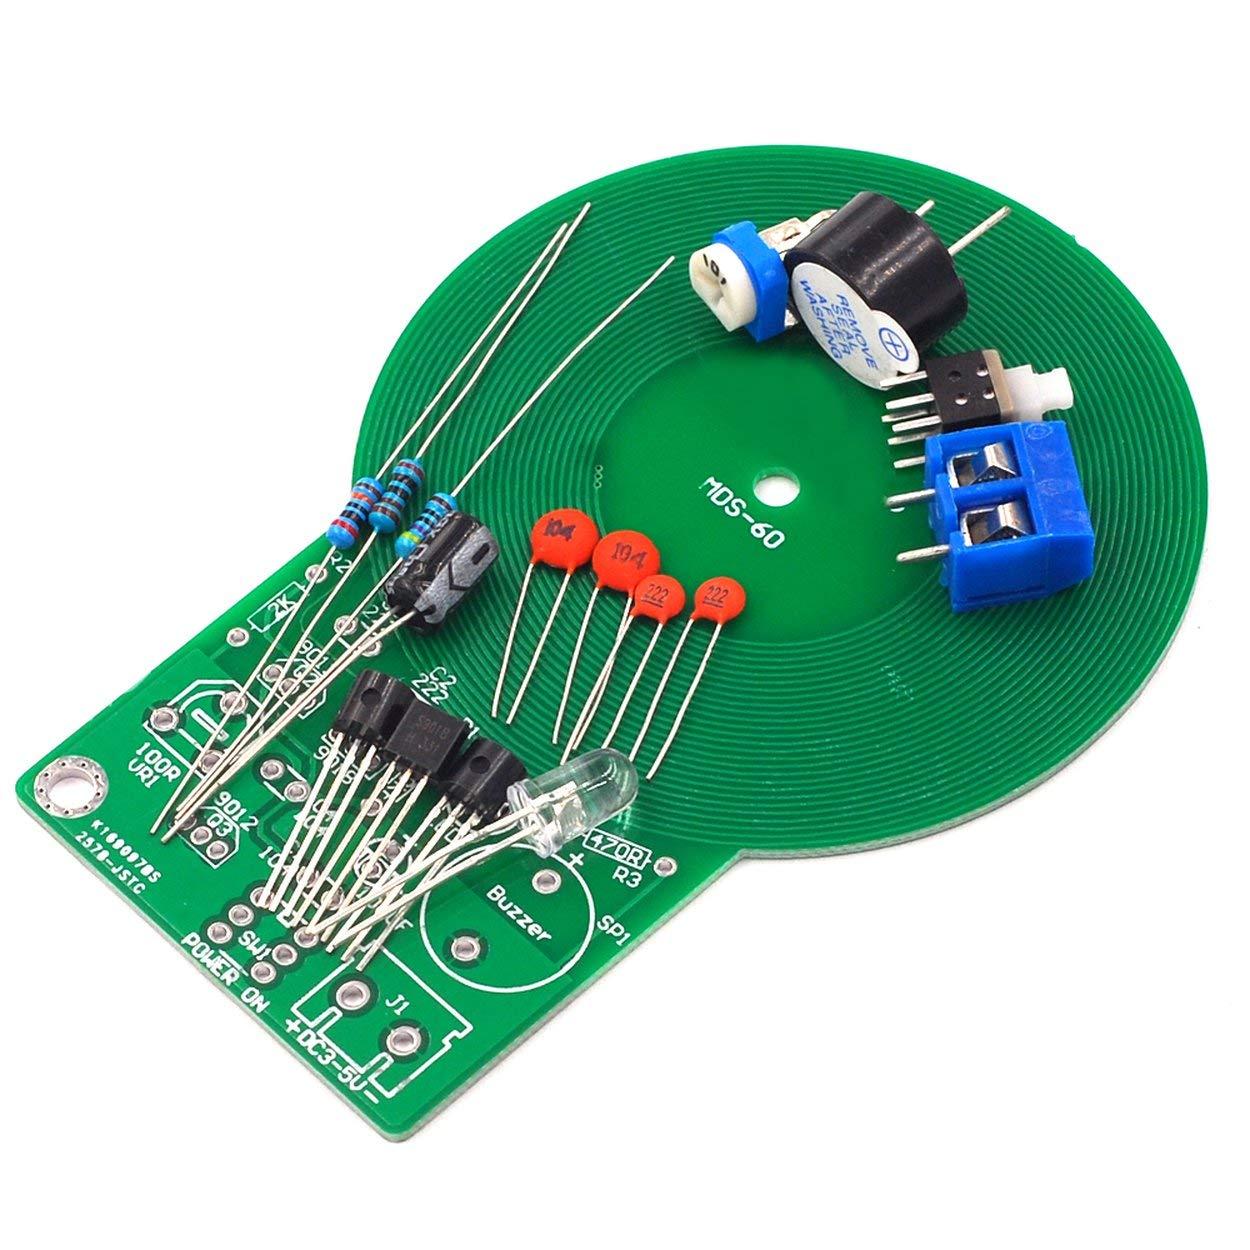 Lorenlli Kit de pr/áctica de Soldadura La Parte electr/ónica del Detector de Metales Produce Sonido y luz despu/és de detectar el Kit del Detector electr/ónico